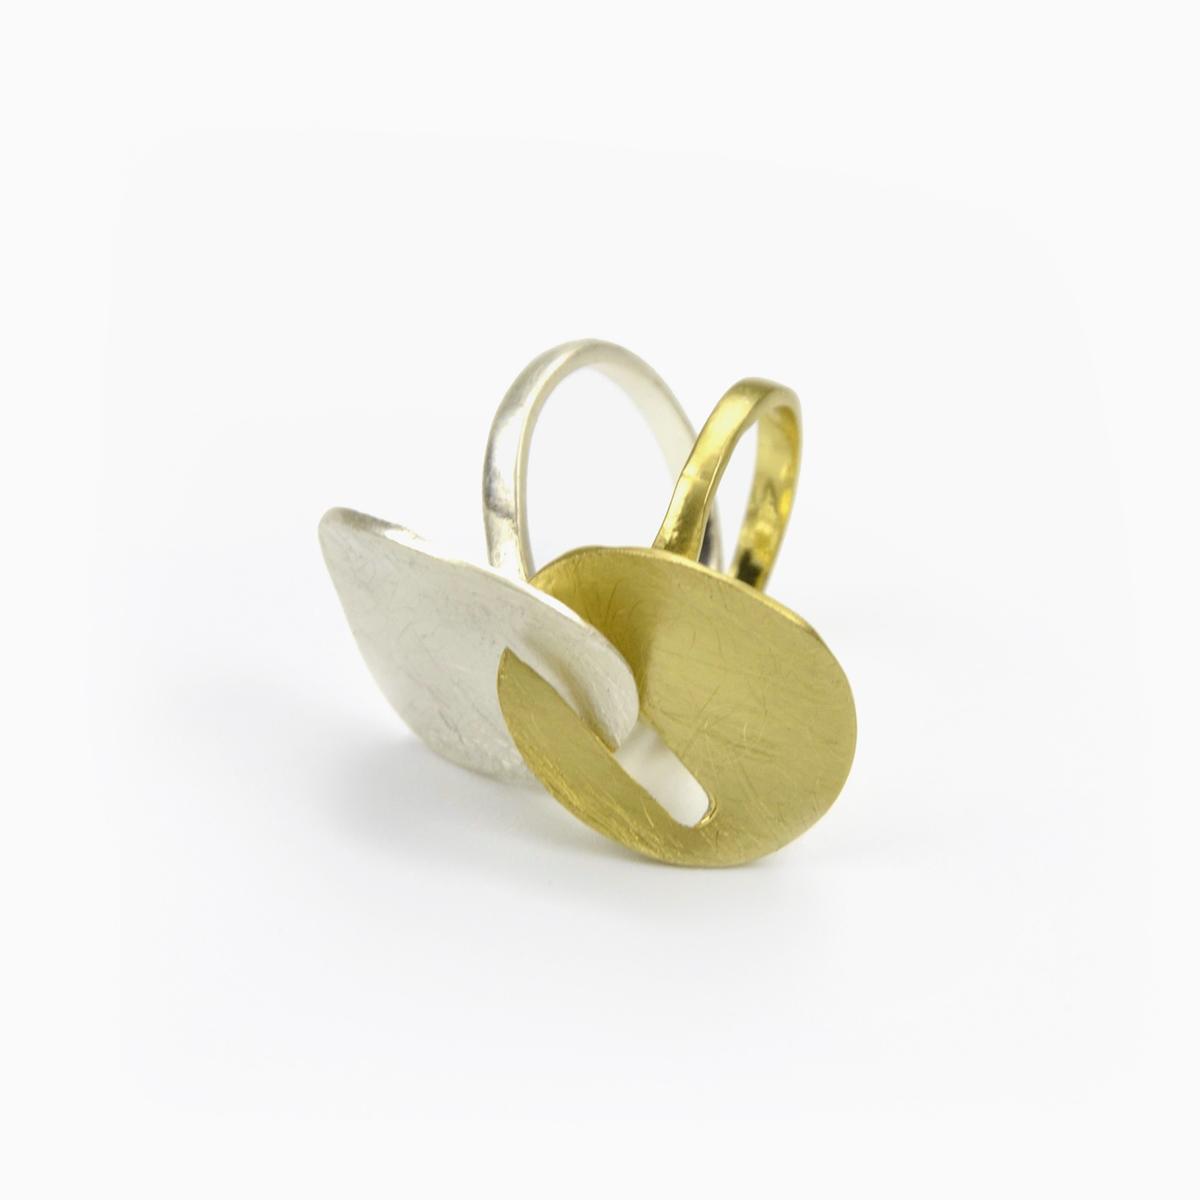 Anel duplo dourado e prateado (1)